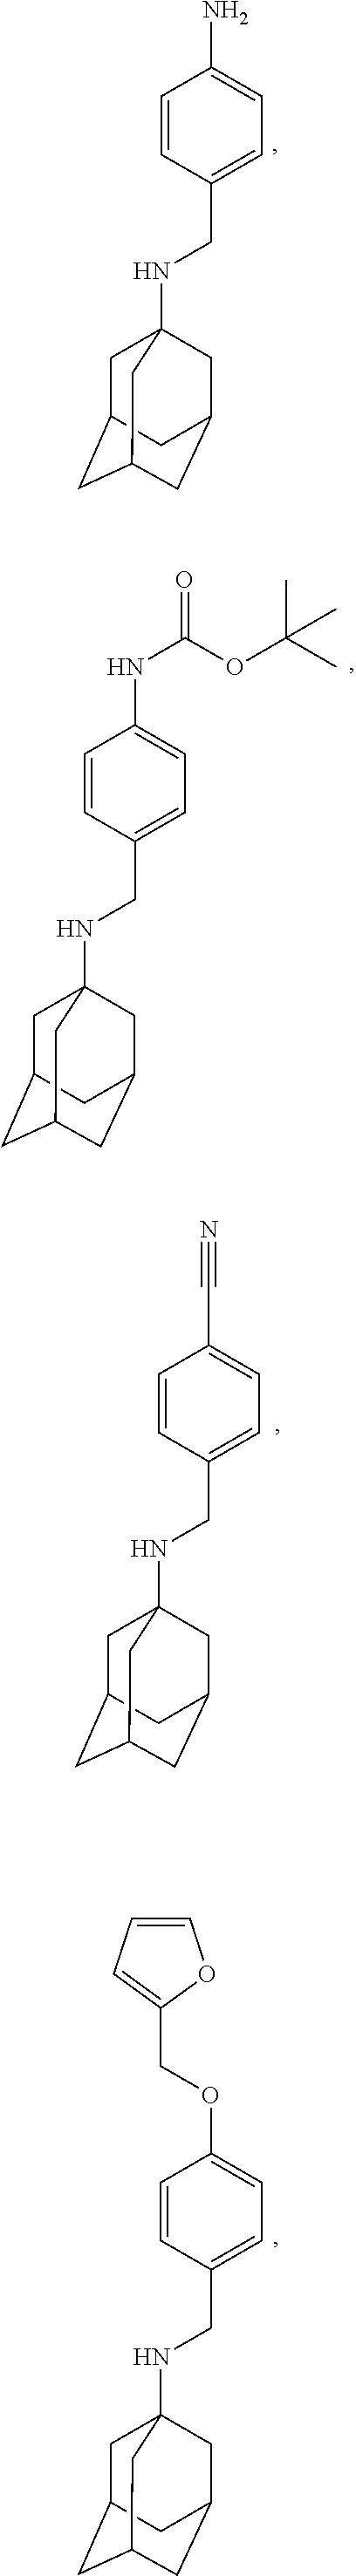 Figure US09884832-20180206-C00008